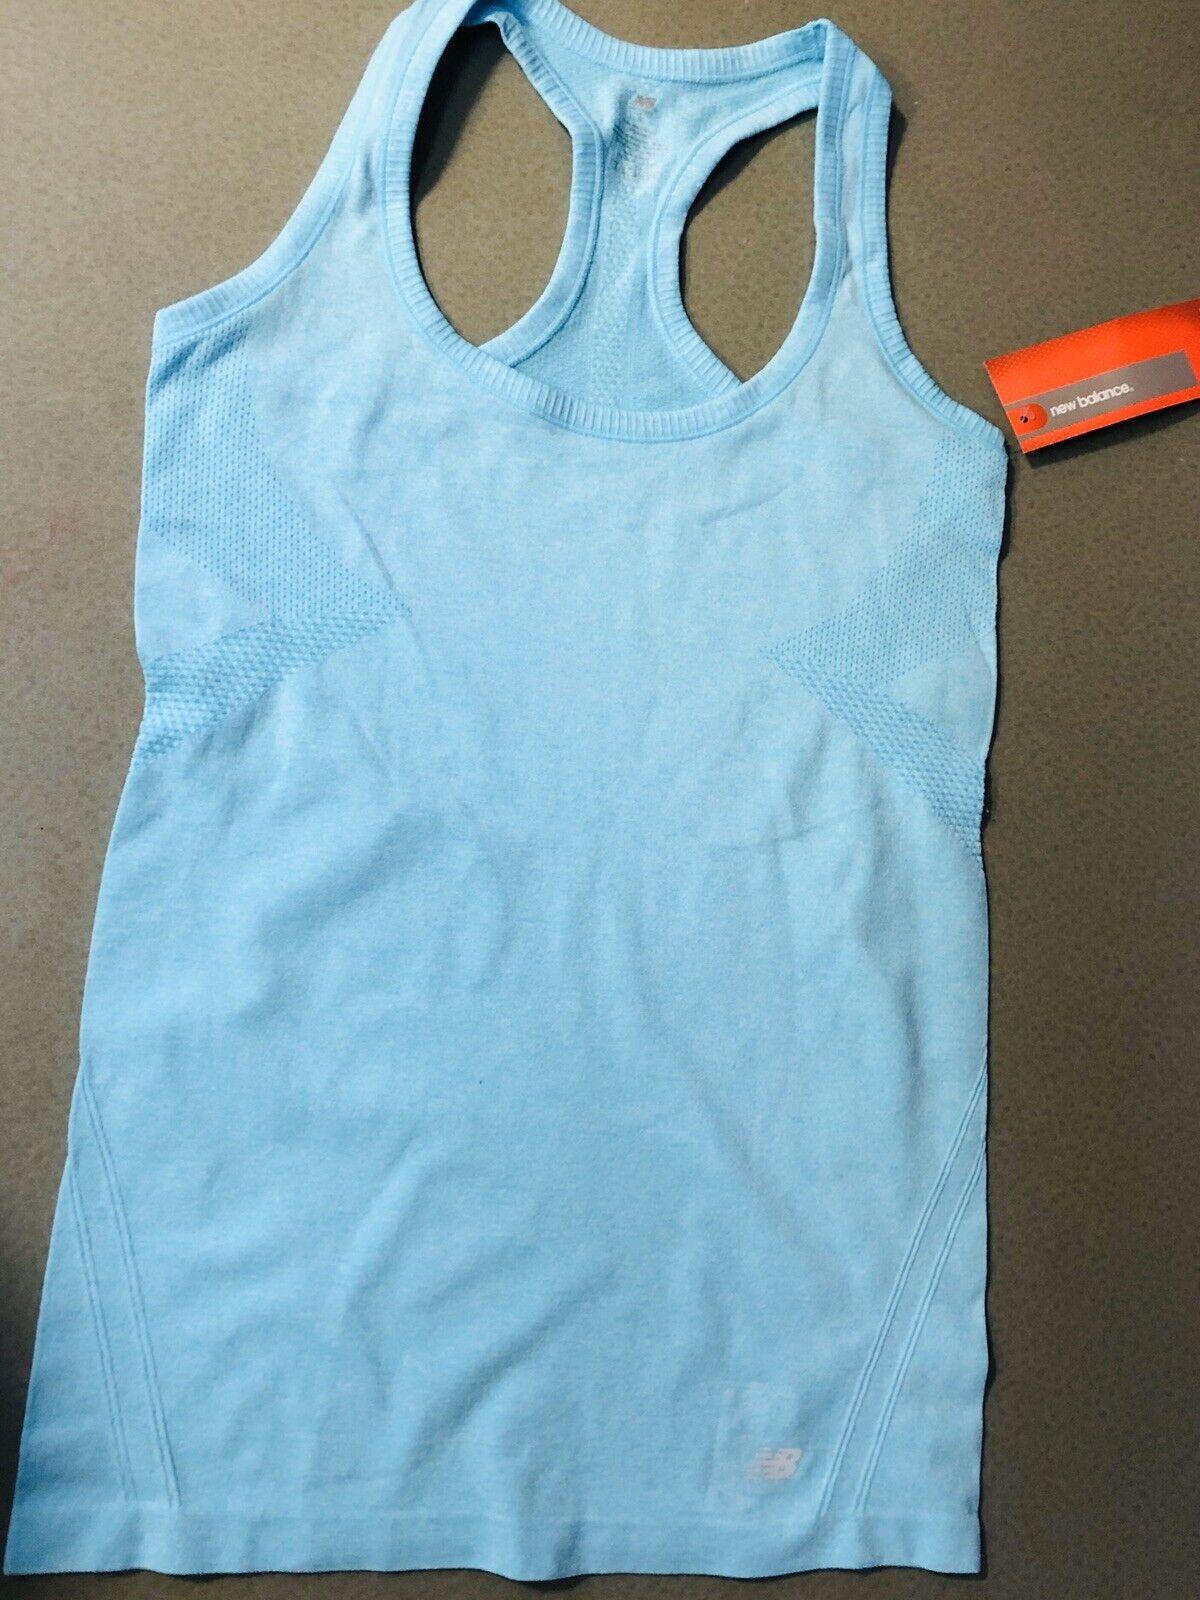 NEW BALANCE Women's Sleeveless ATHLETIC WORKOUT Gym T-shirt Size Medium